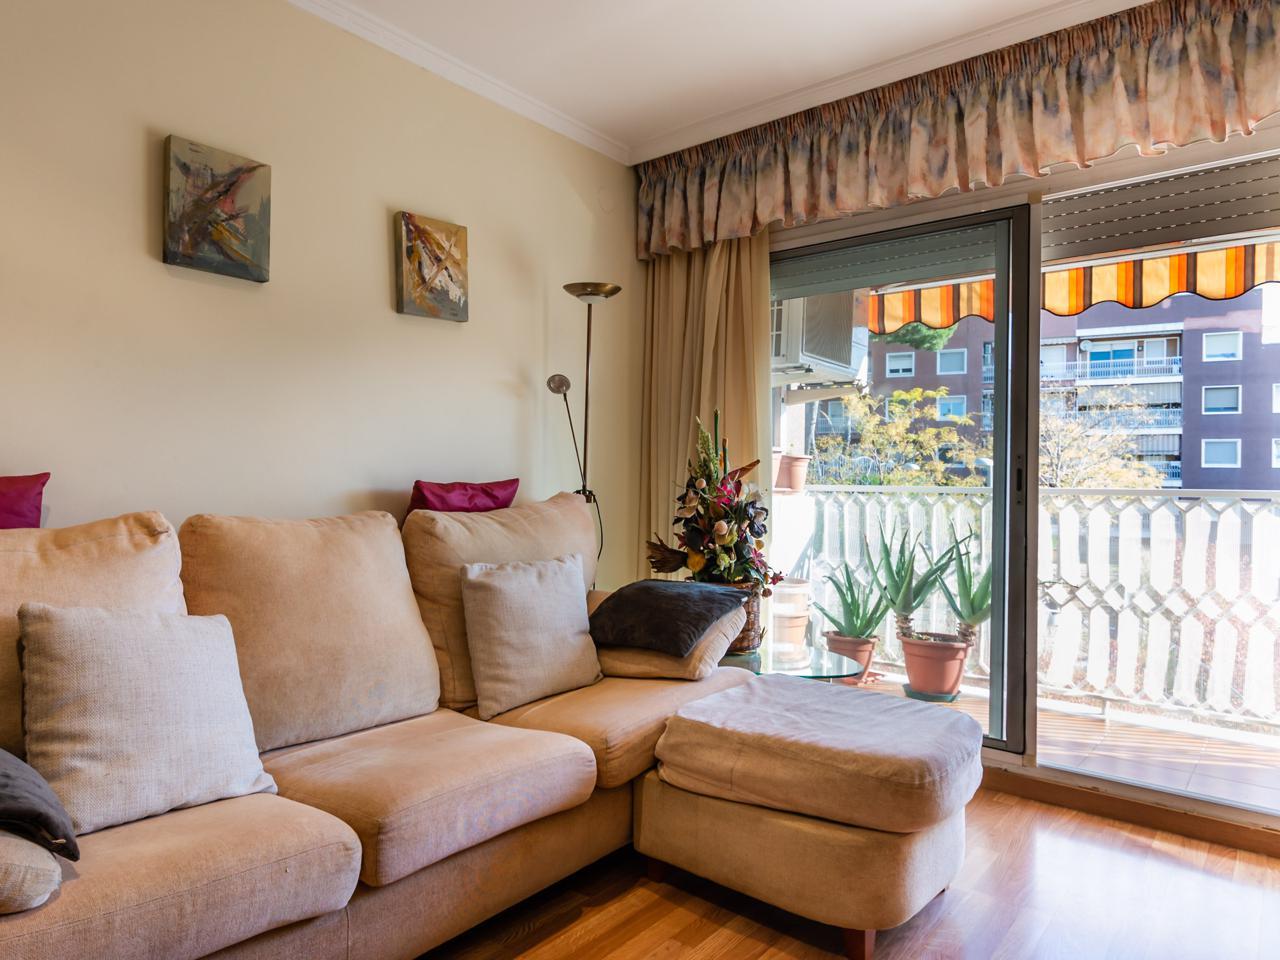 piso en martorelles · carrer-montnegre-08107 185890€